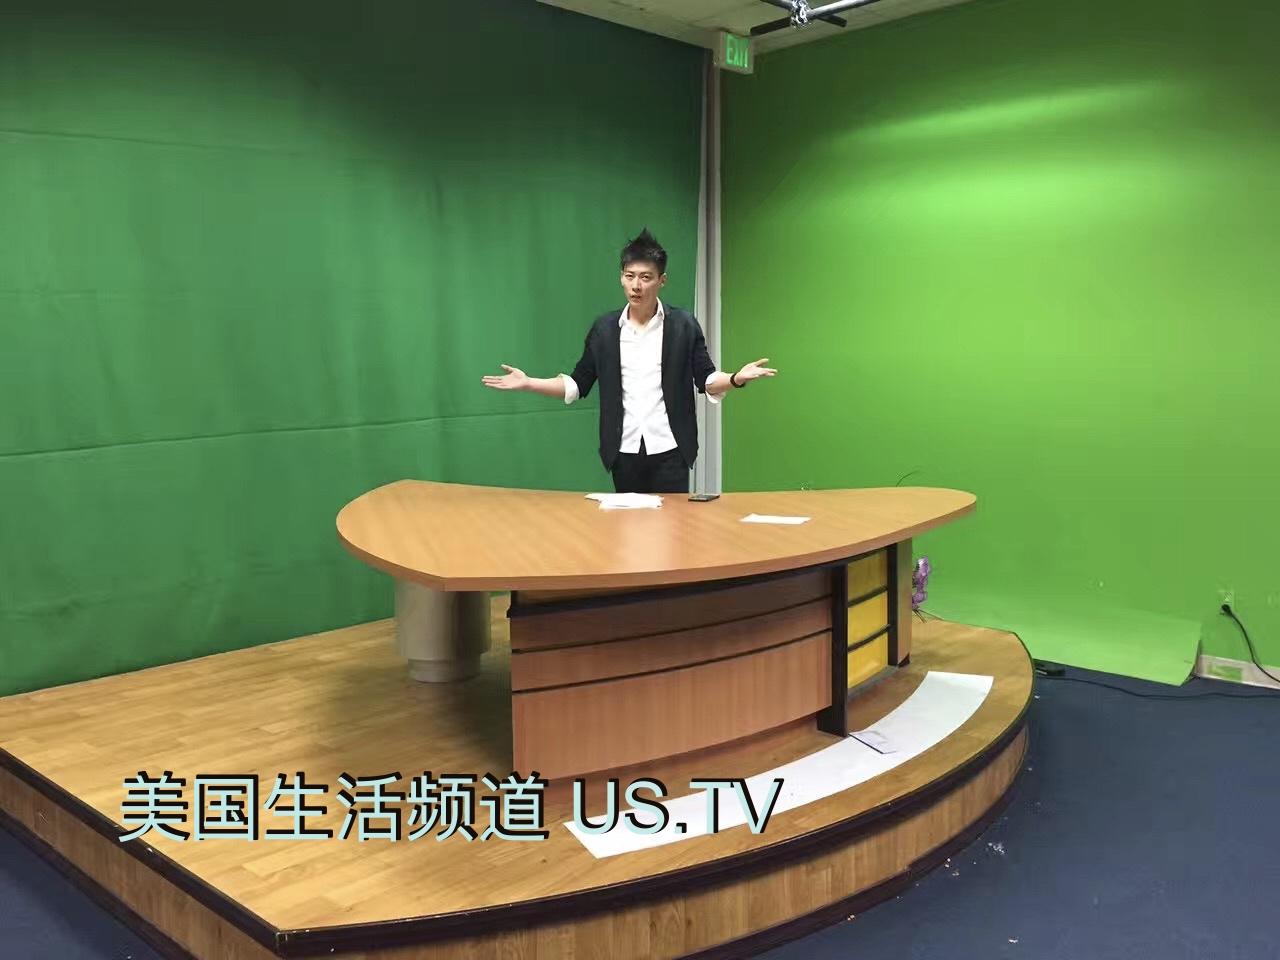 美国生活频道(US TV)